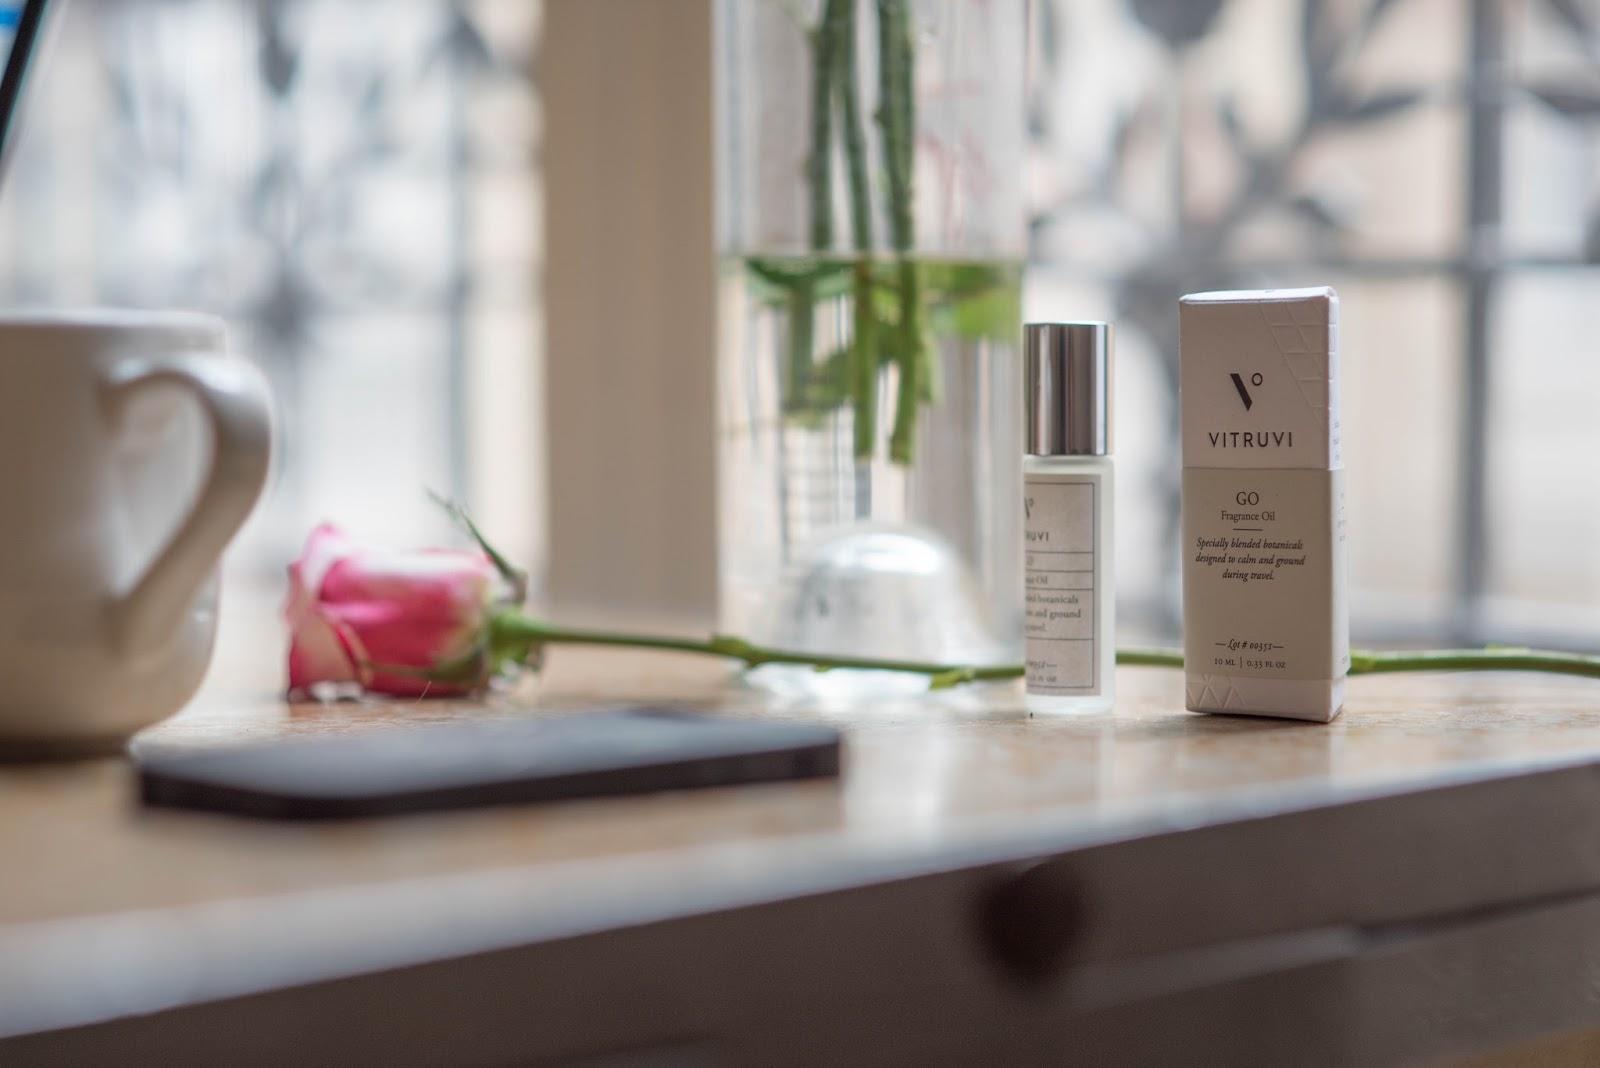 coco and vera, top paris travel blog, vitruvi aromatherapy oil, roses, paris work space style, everyday je ne sais quoi, paris, travel